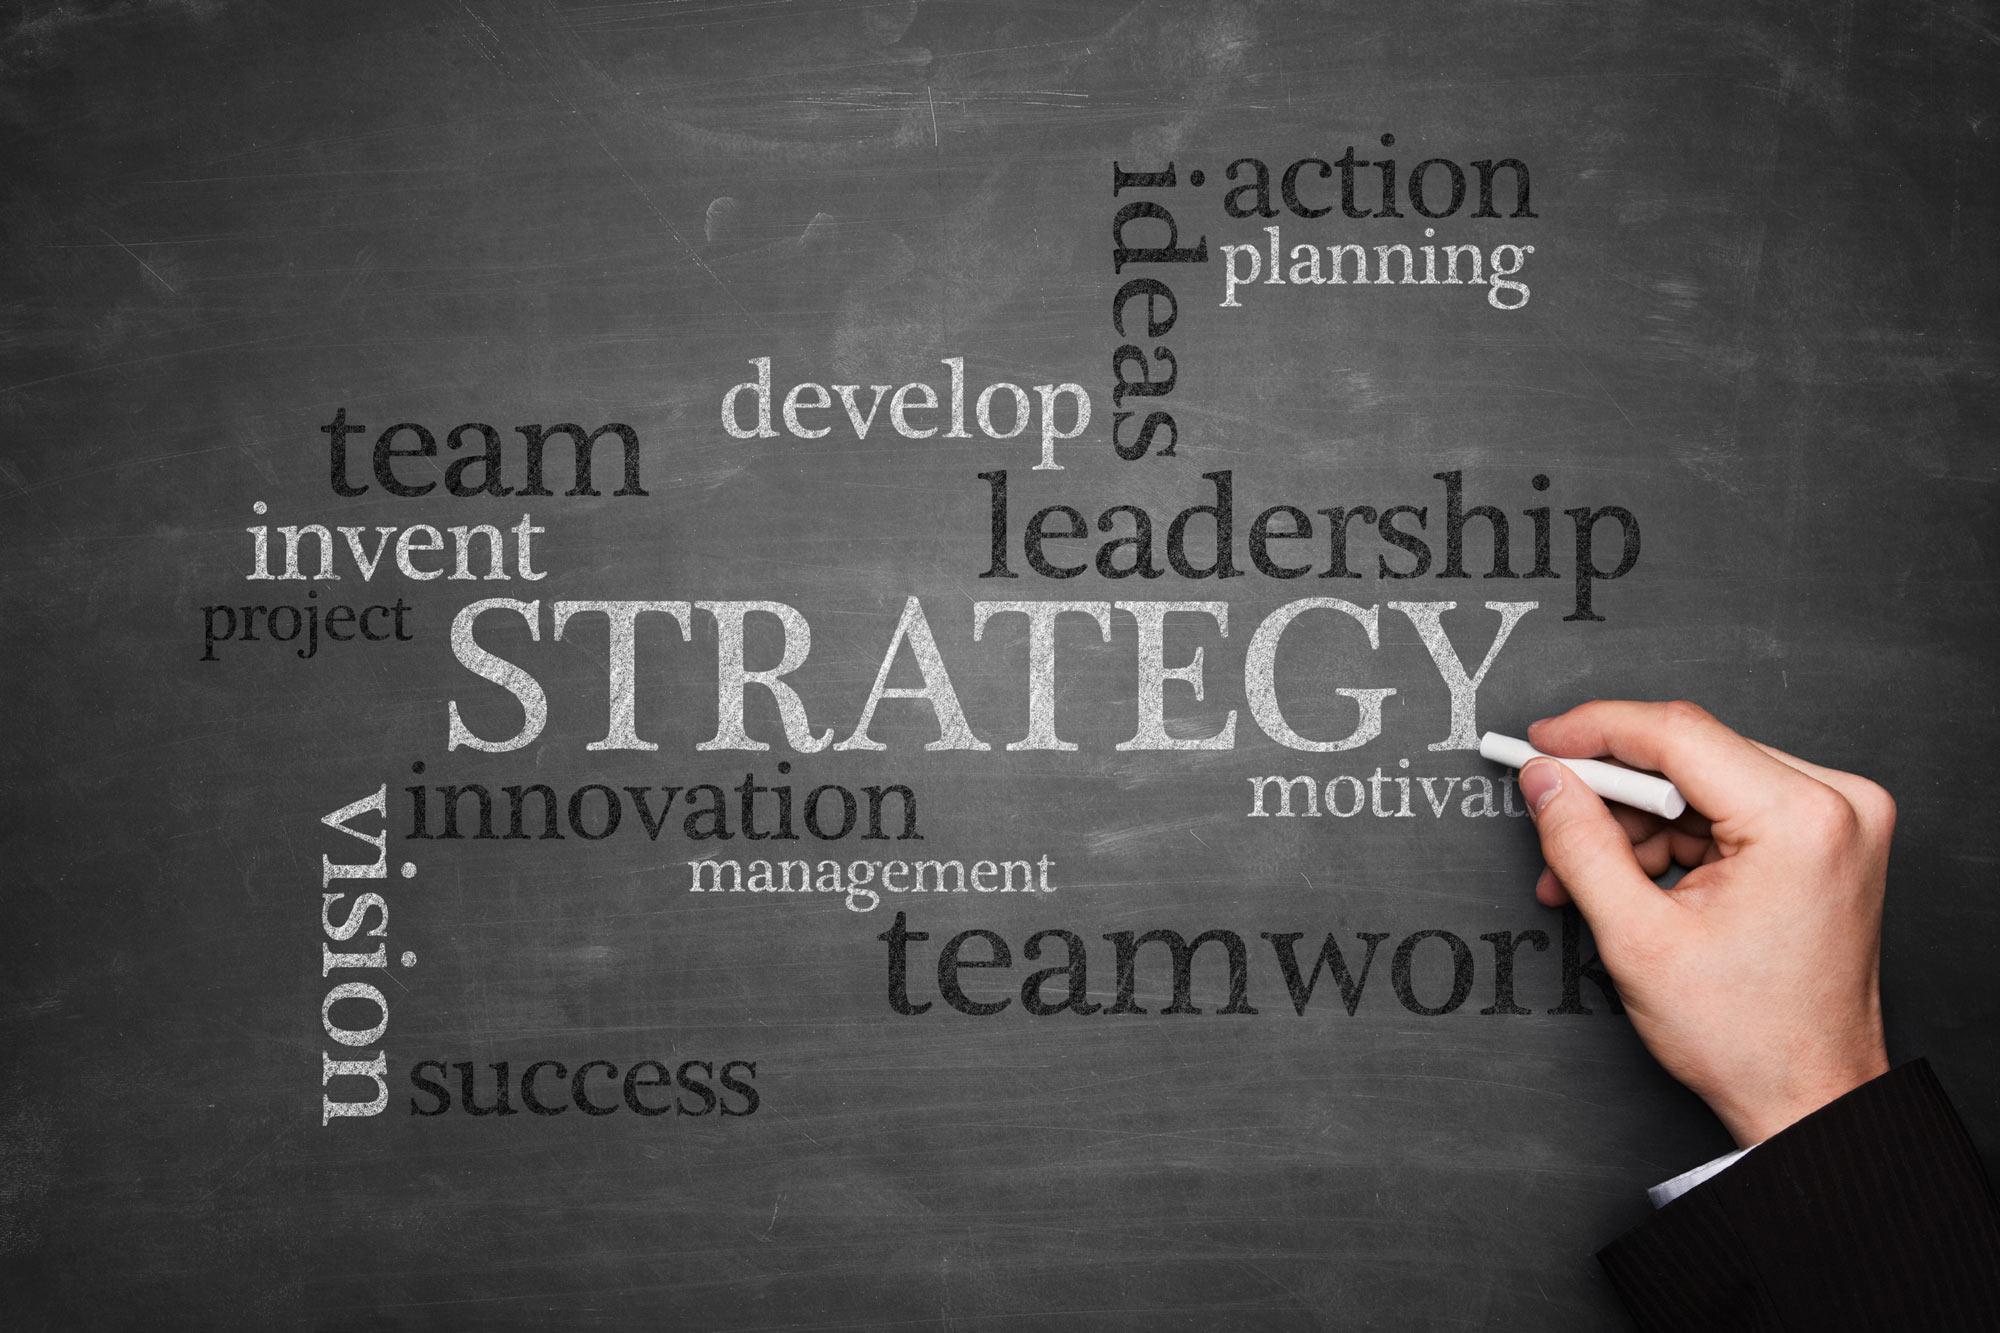 استراتژی برای بنگاه ها